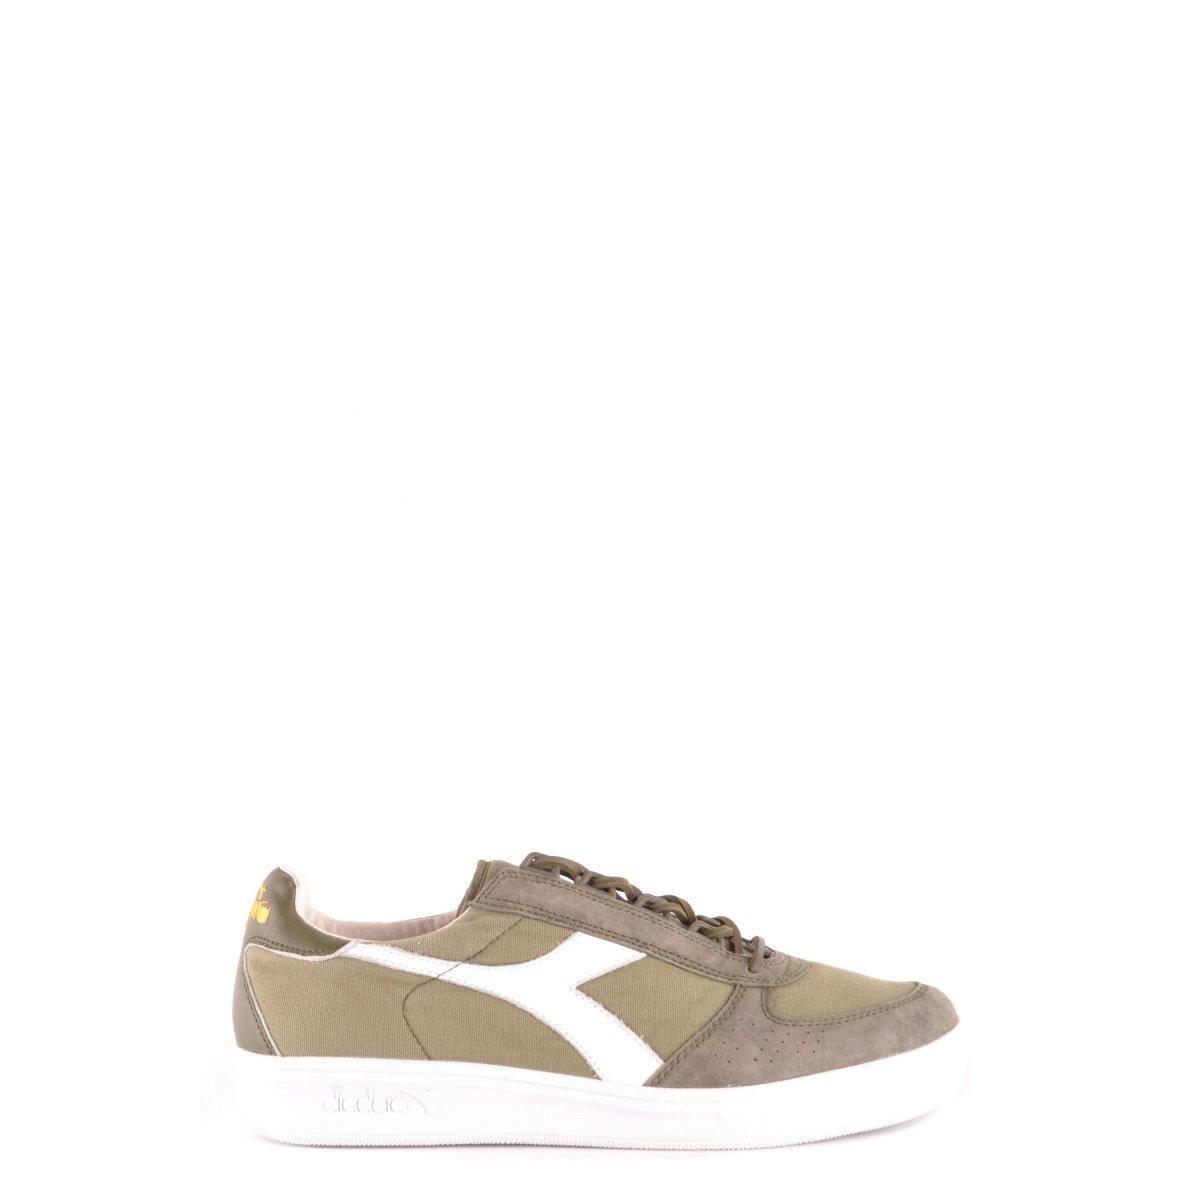 DIADORA uomo sneakers bassa 201.171397 01 C6339 B.ELITE C S